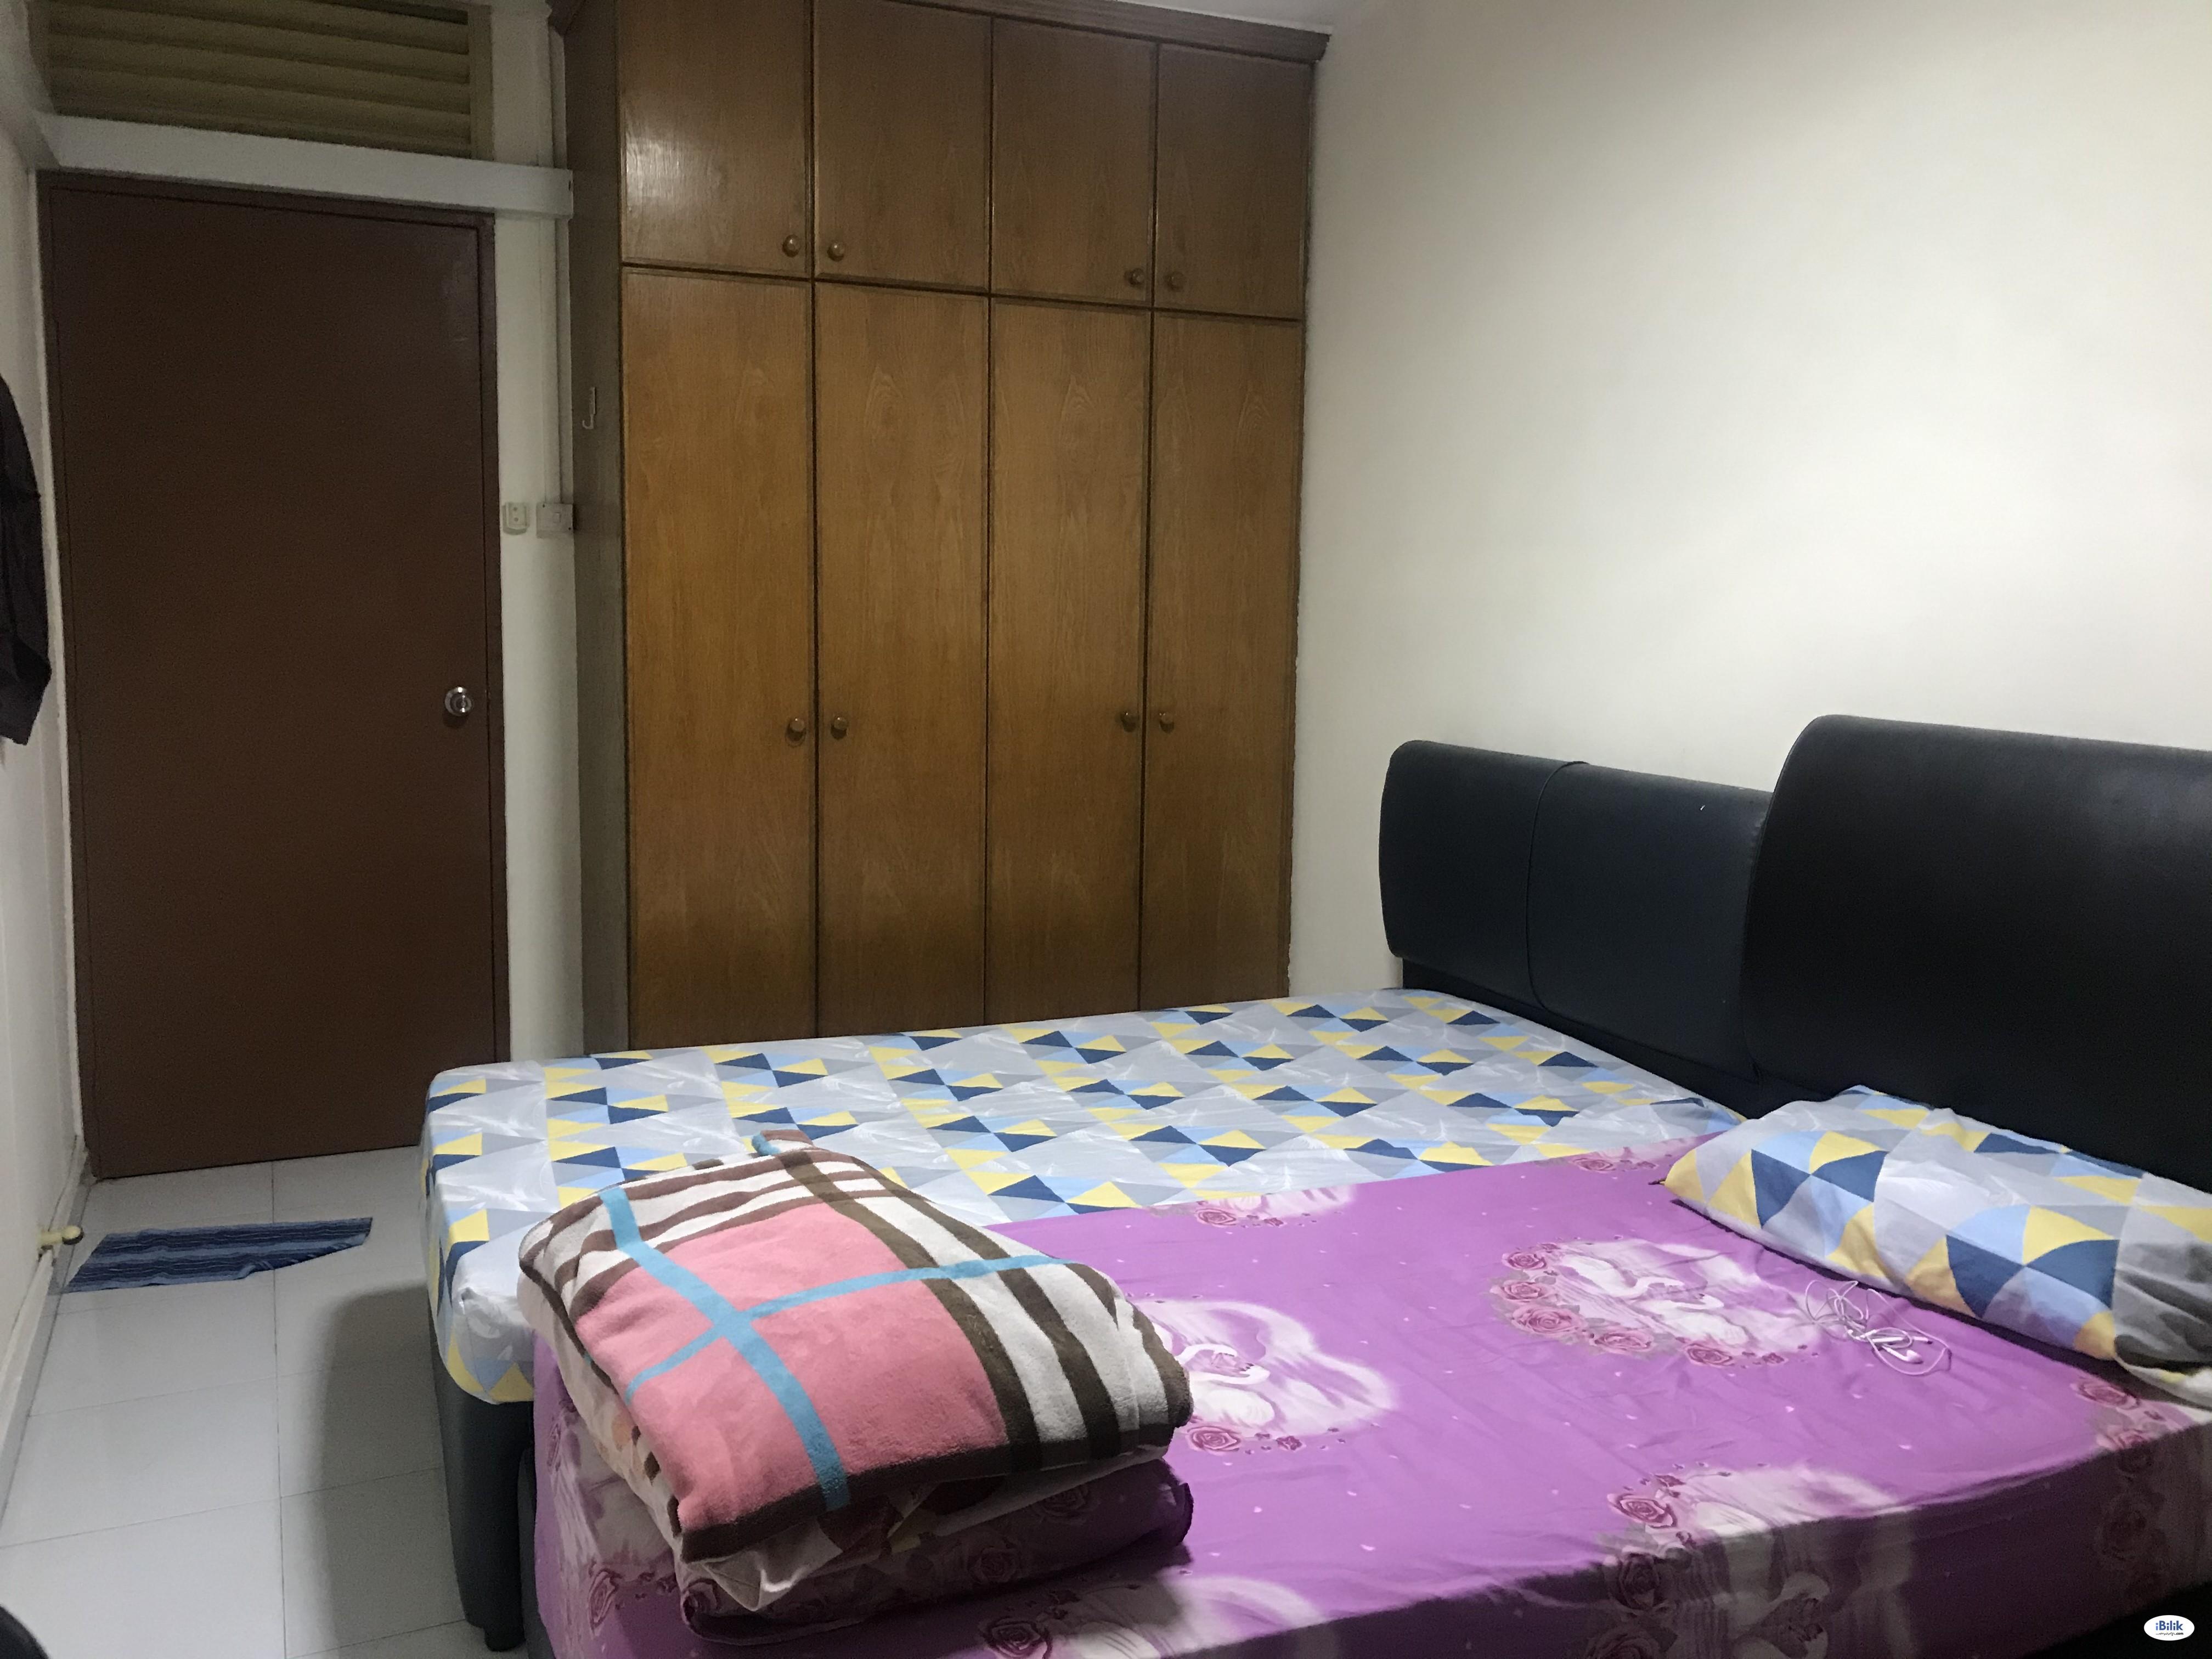 Single Room at Boon Lay, Jurong